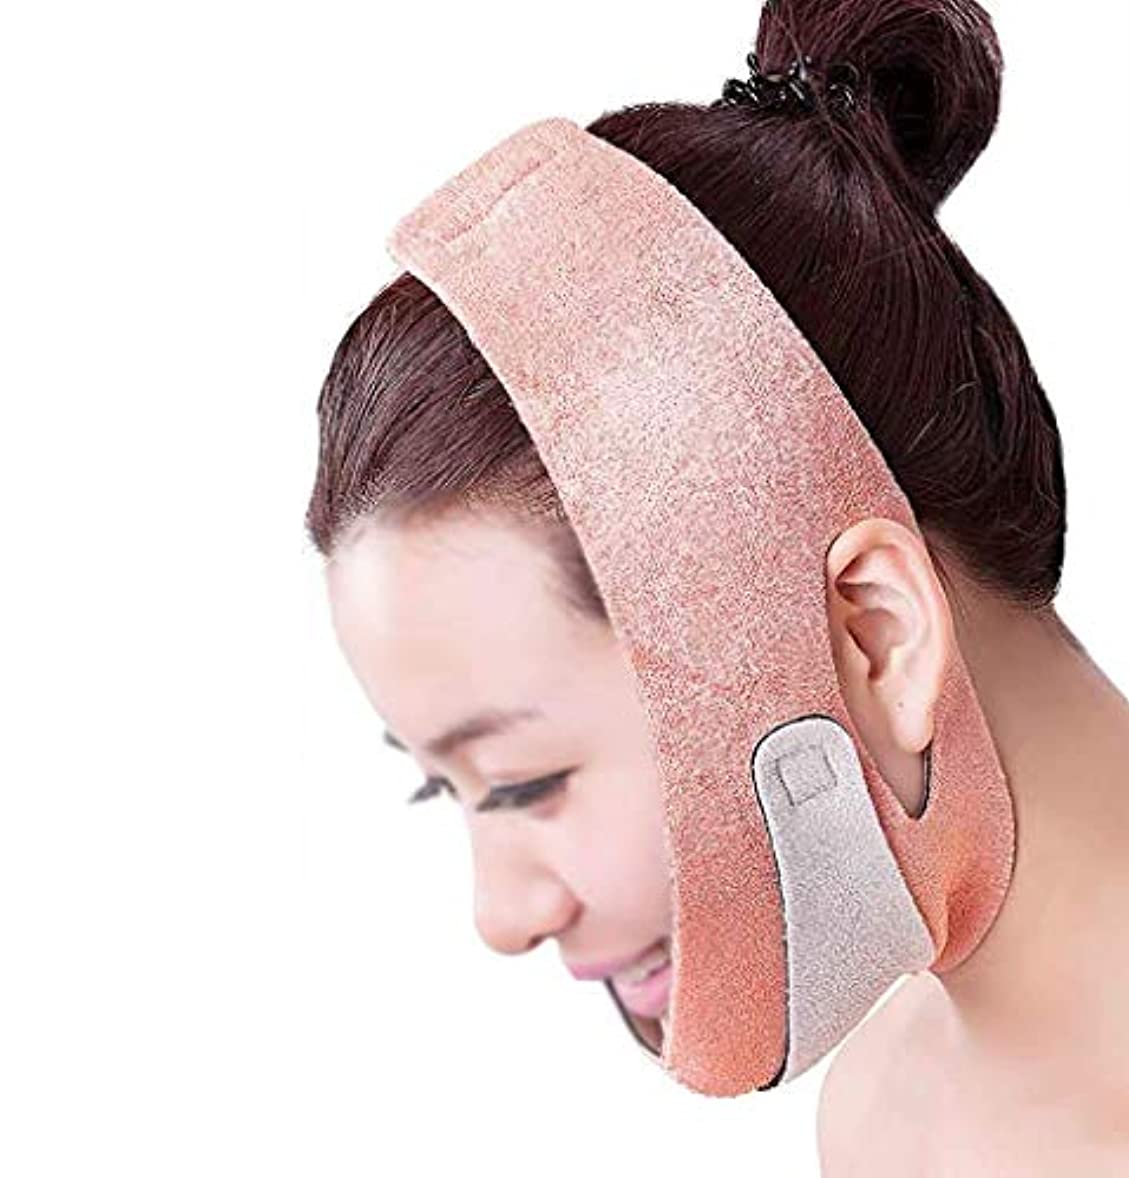 レール修正するカイウスHEMFV 薄い顔の包帯、ベルトフェイスマッサージツールは、二重あごをなくすリフティングVラインフェイスシェイプチンチークリフトアップアンチリンクルを作成します。 (Color : Pink)